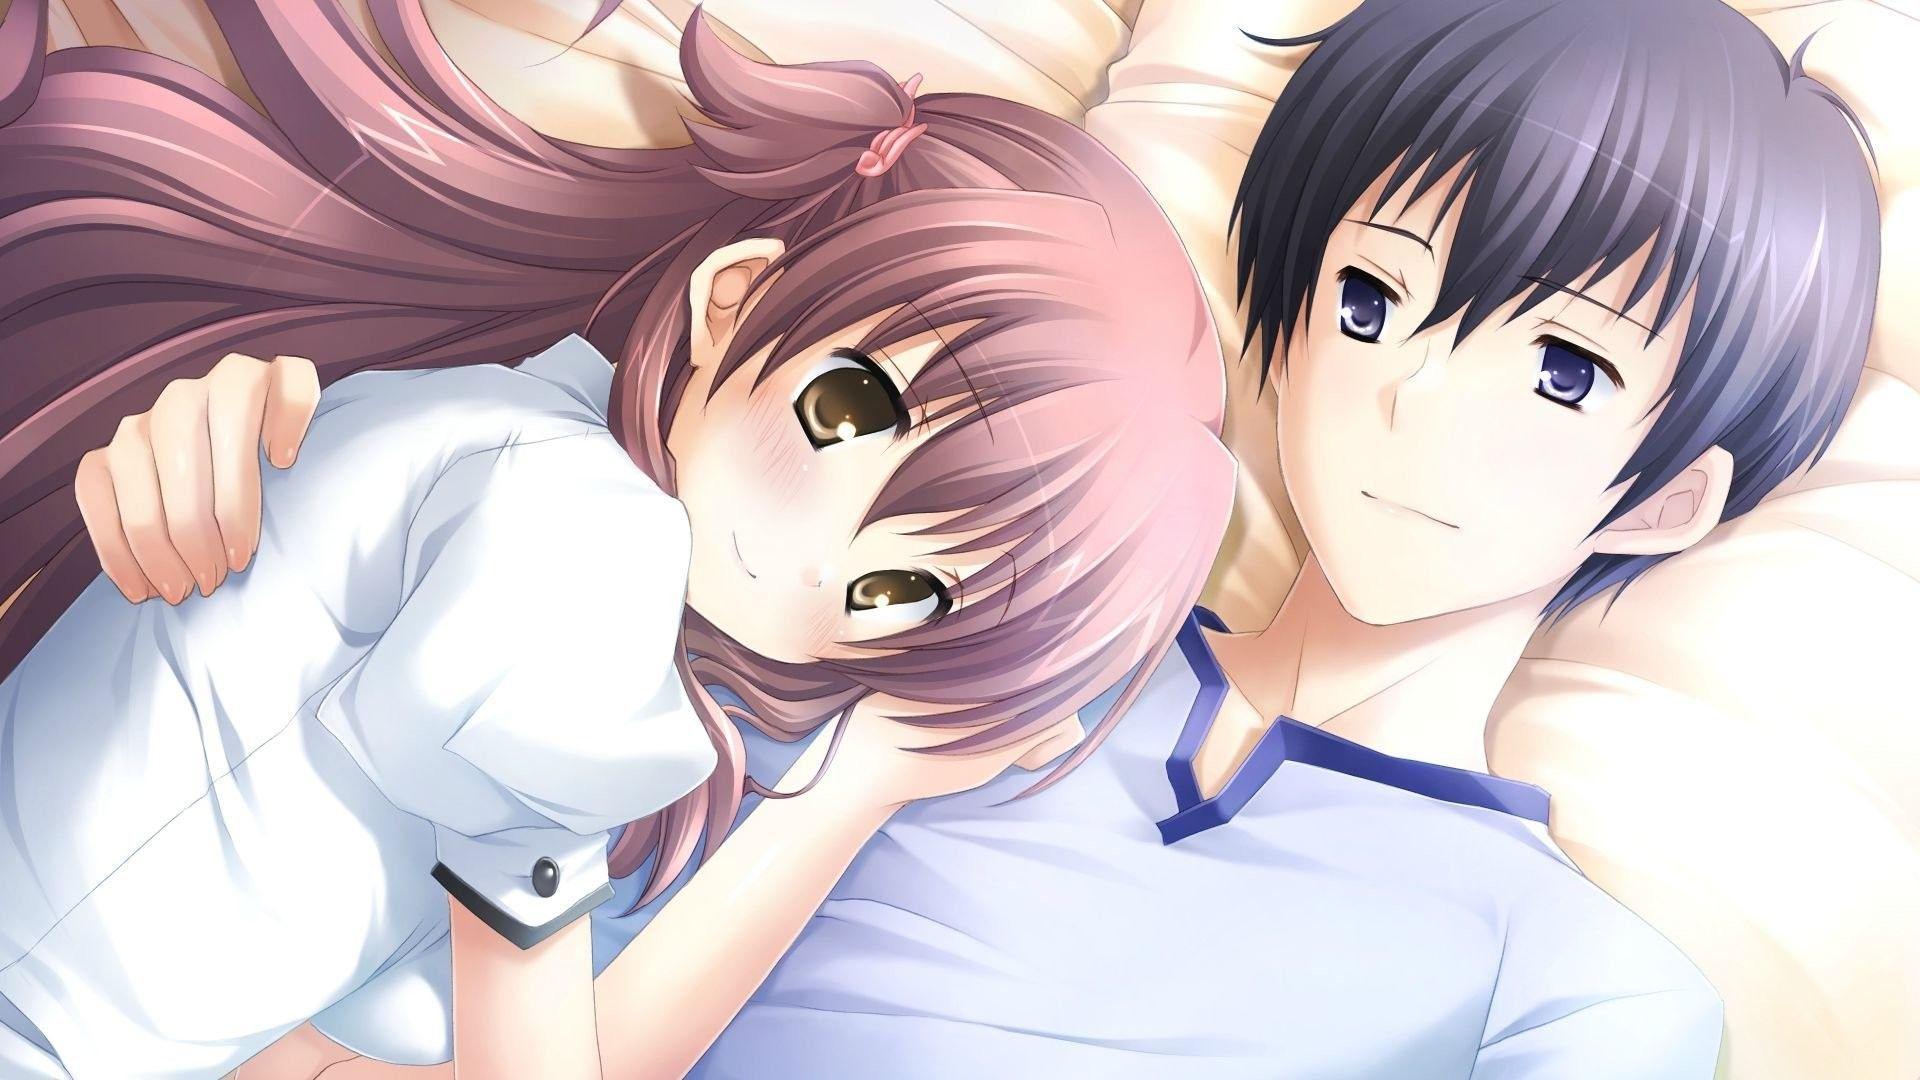 Anime Couple Hug Wallpapers - Wallpaper Cave